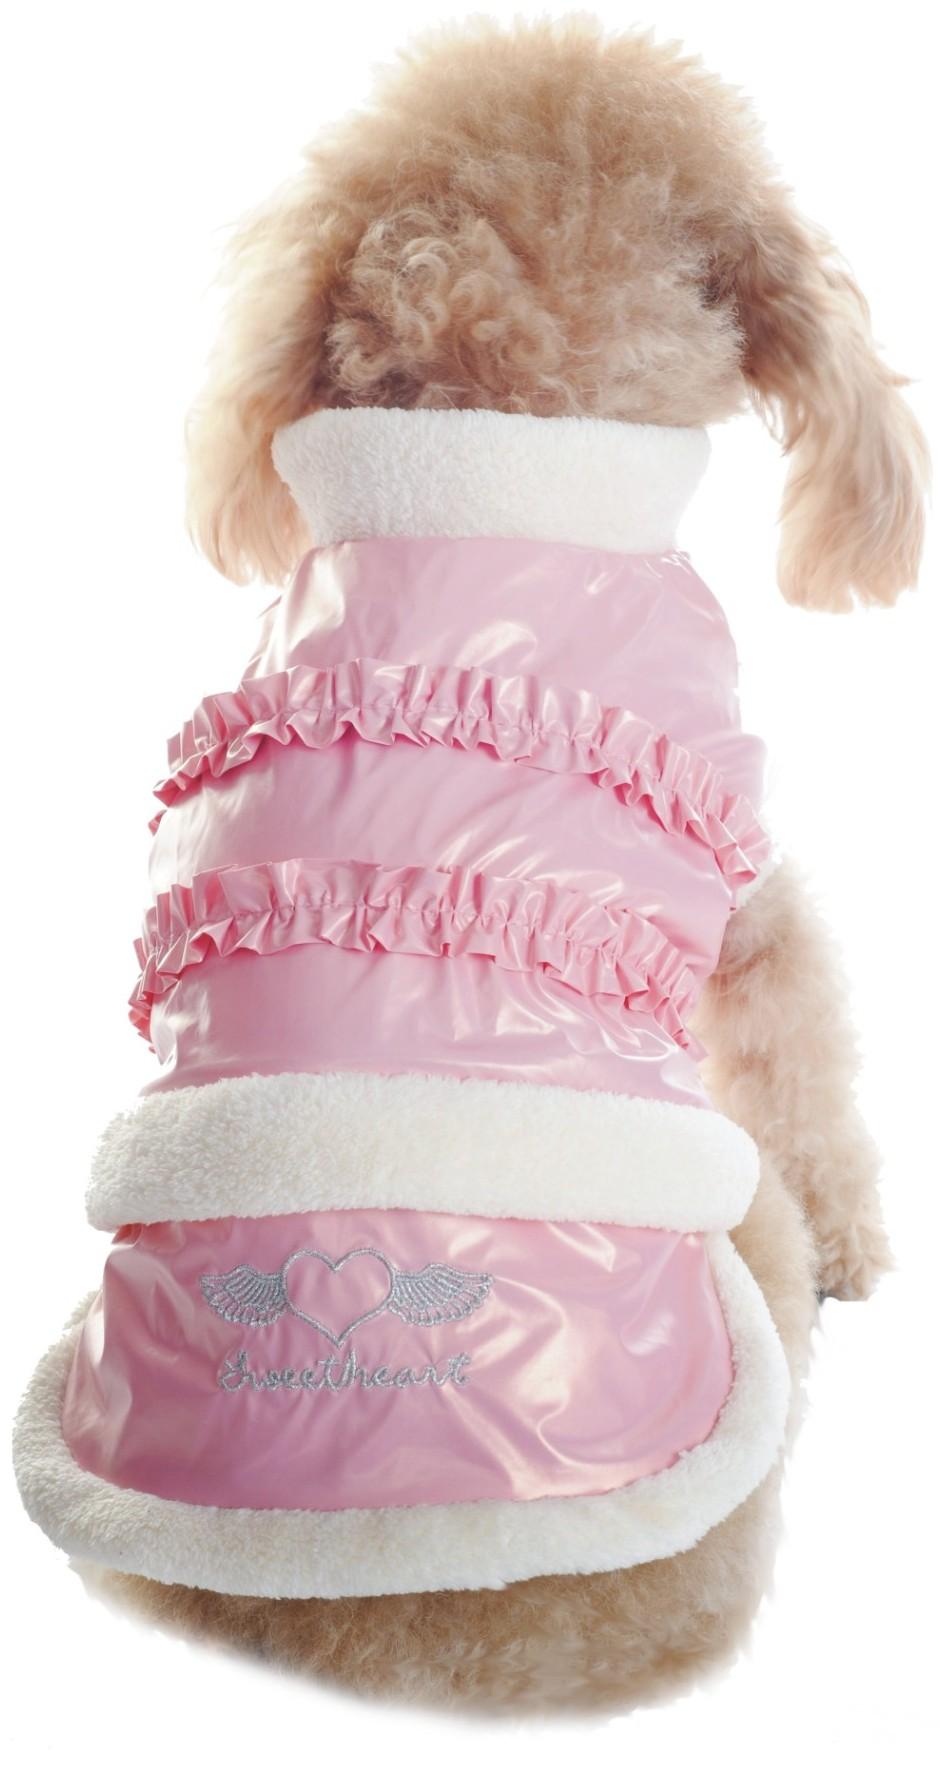 Куртка для собак Dobaz, утепленная, цвет: розовый. ДЛ1109АХС/п. Размер XSДЛ1109АХС/пМягкая теплая болоневая курточка Dobaz предназначена для использования в прохладную ветреную погоду. Отлично защищает собаку в от холода. Толстовку можно быстро надеть и снять, что делает ее идеальной для согревания активных мышц собак до и после прогулки или тренировки.Обхват шеи: 20 см.Обхват груди: 31 см.Длина спинки: 21 см.Одежда для собак: нужна ли она и как её выбрать. Статья OZON Гид